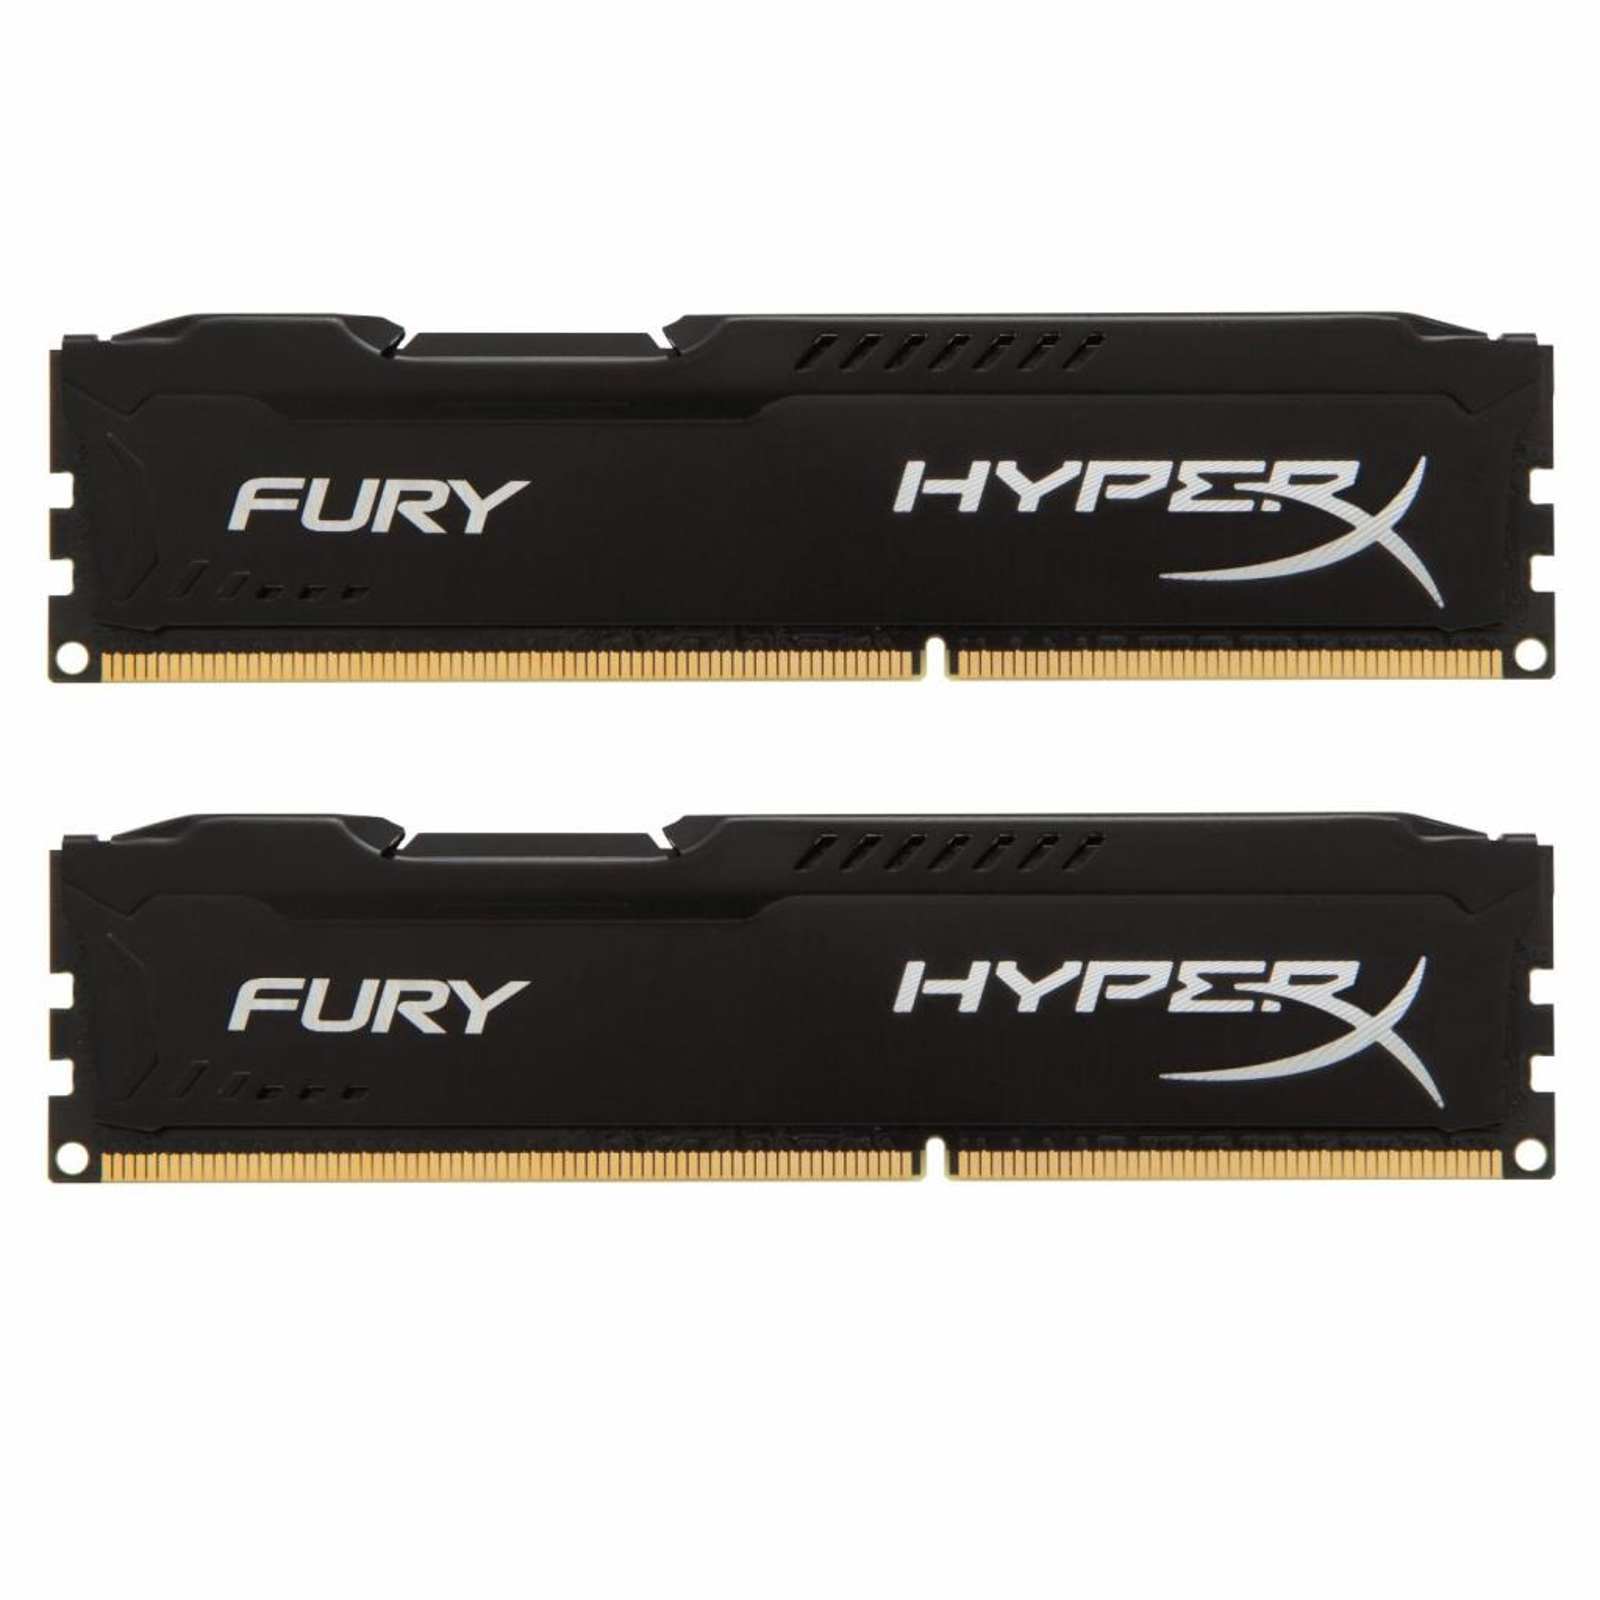 Модуль памяти для компьютера 16Gb DDR3 1600M Hz HyperX Fury Black (2x8GB) Kingston (HX316C10FBK2/16)